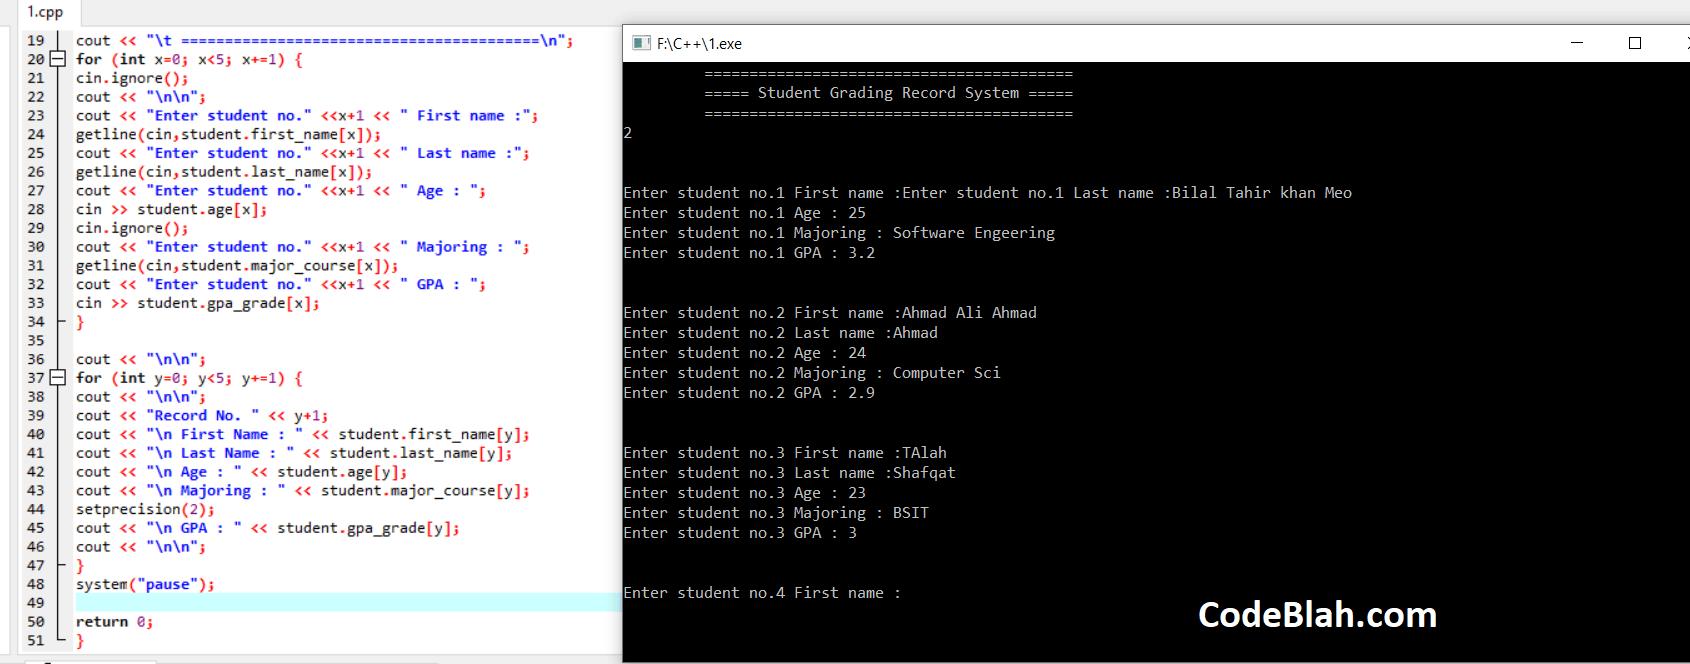 GPA Calculator in C++